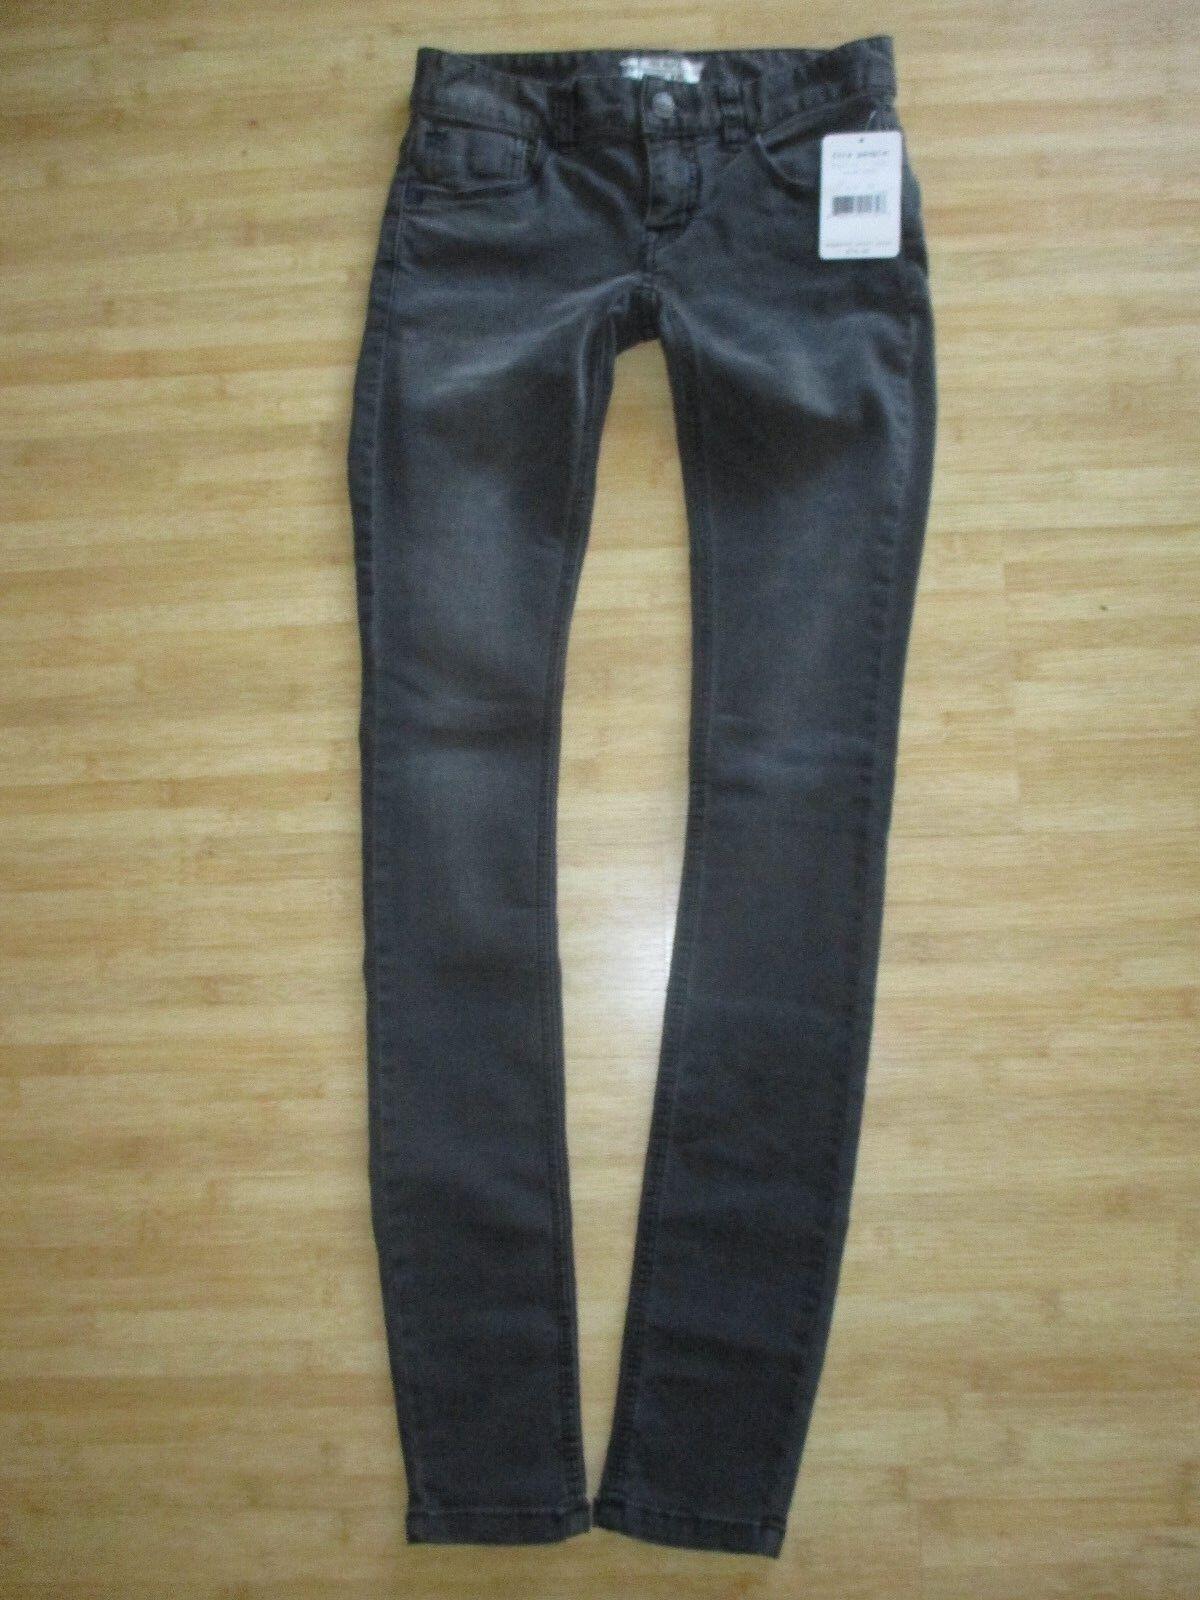 NEW  Free People LADIES 24 SKINNY JEANS PANTS  78 Retail Dark Grey